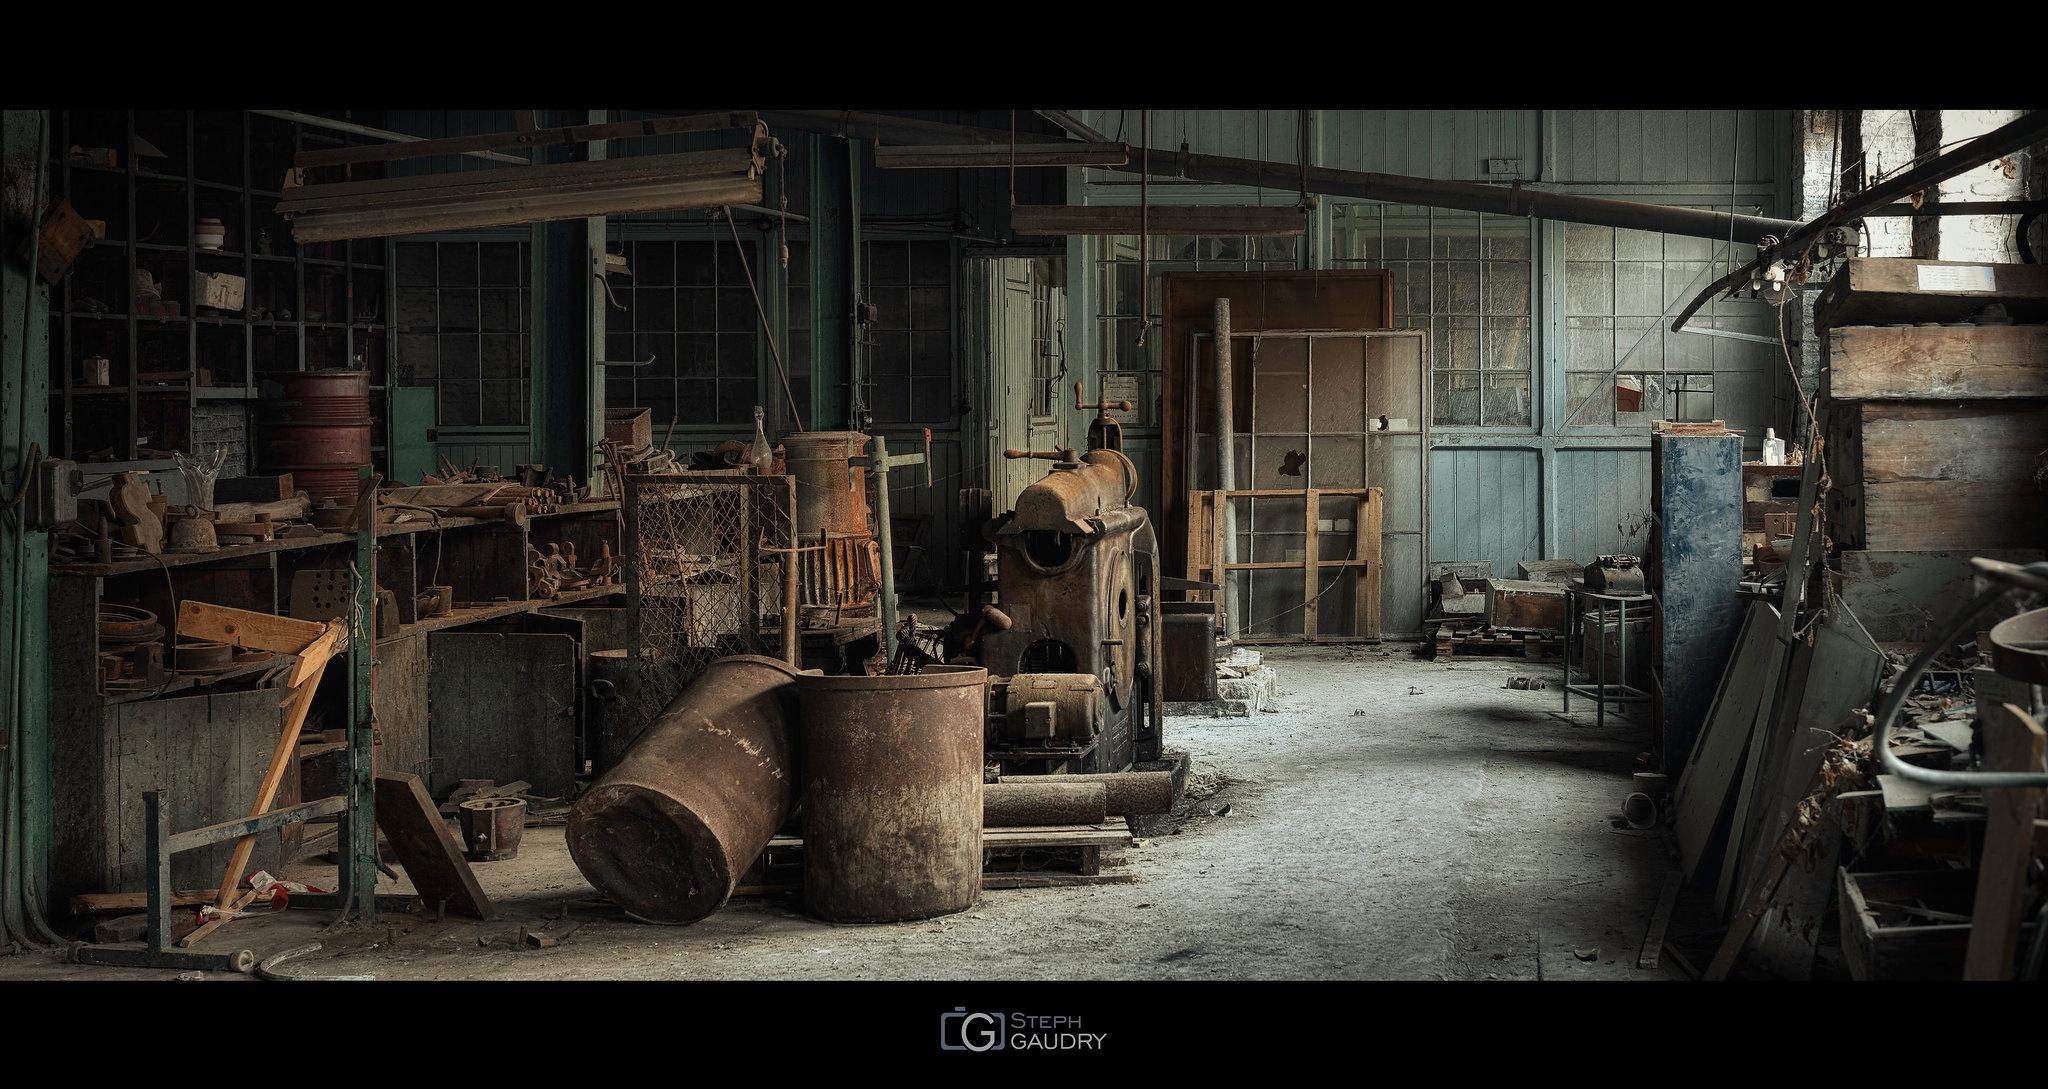 Les ateliers de la cristallerie abandonnée [Click to start slideshow]